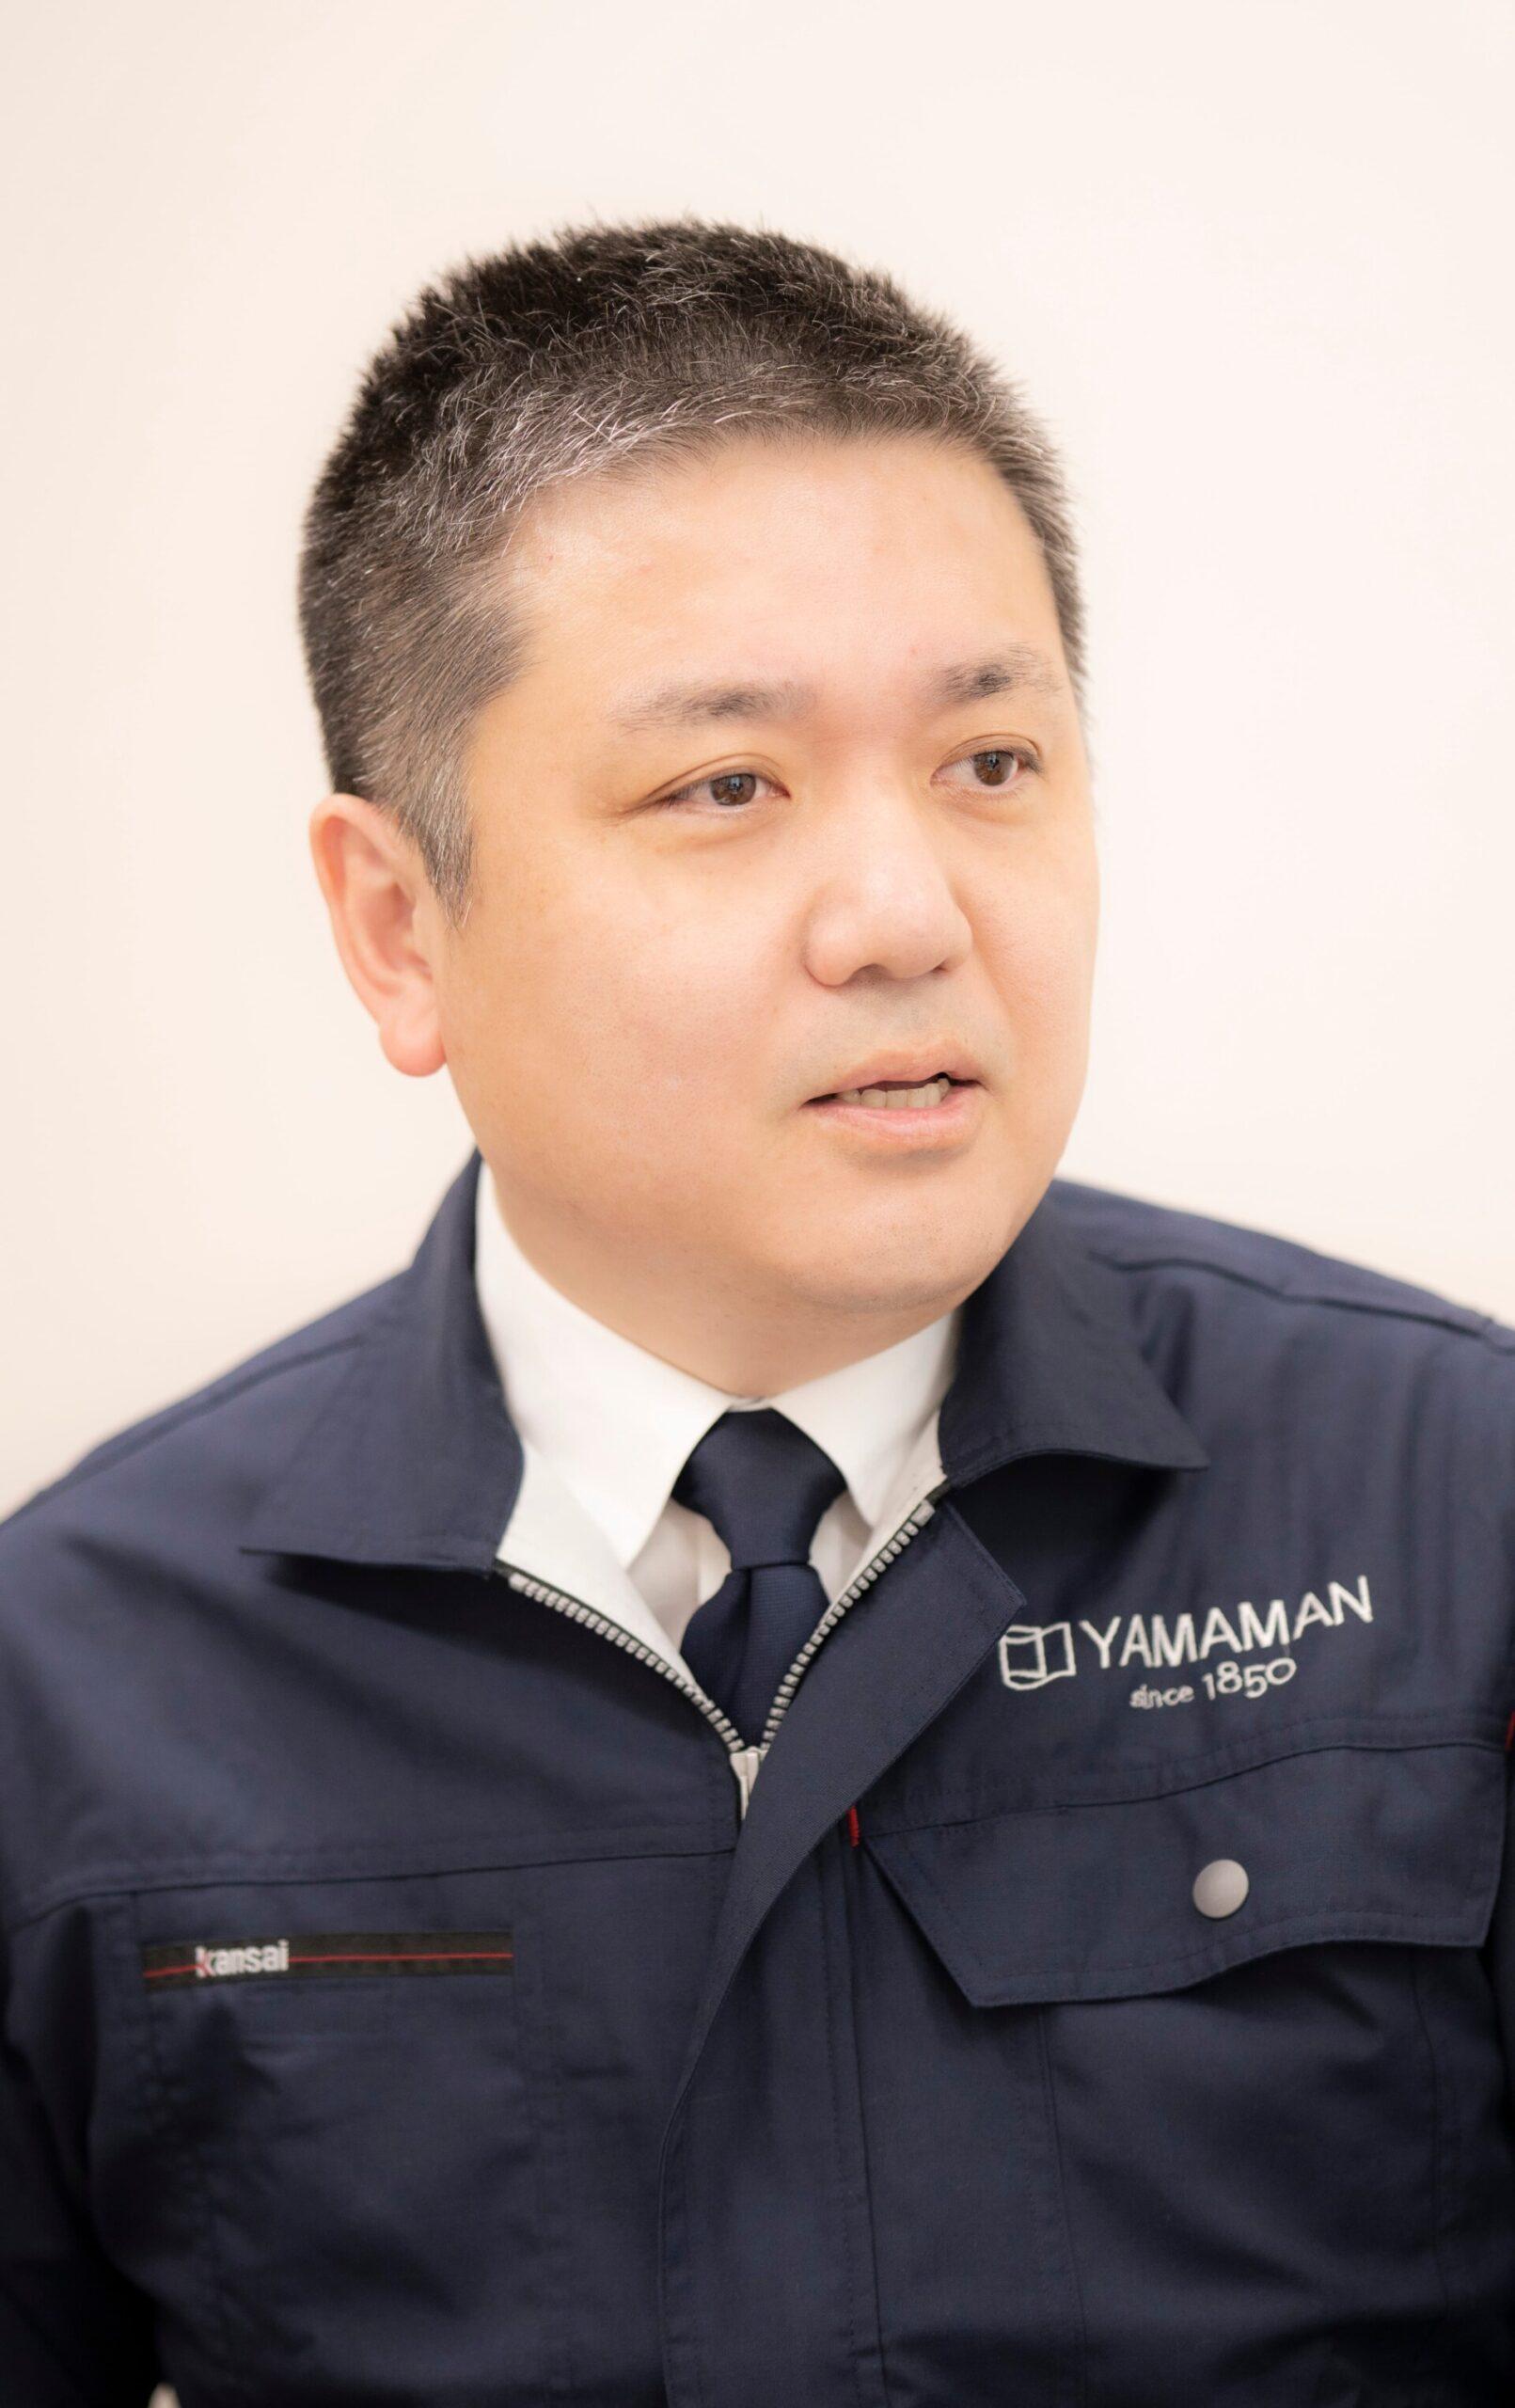 株式会社山万 荘野 陽太郎